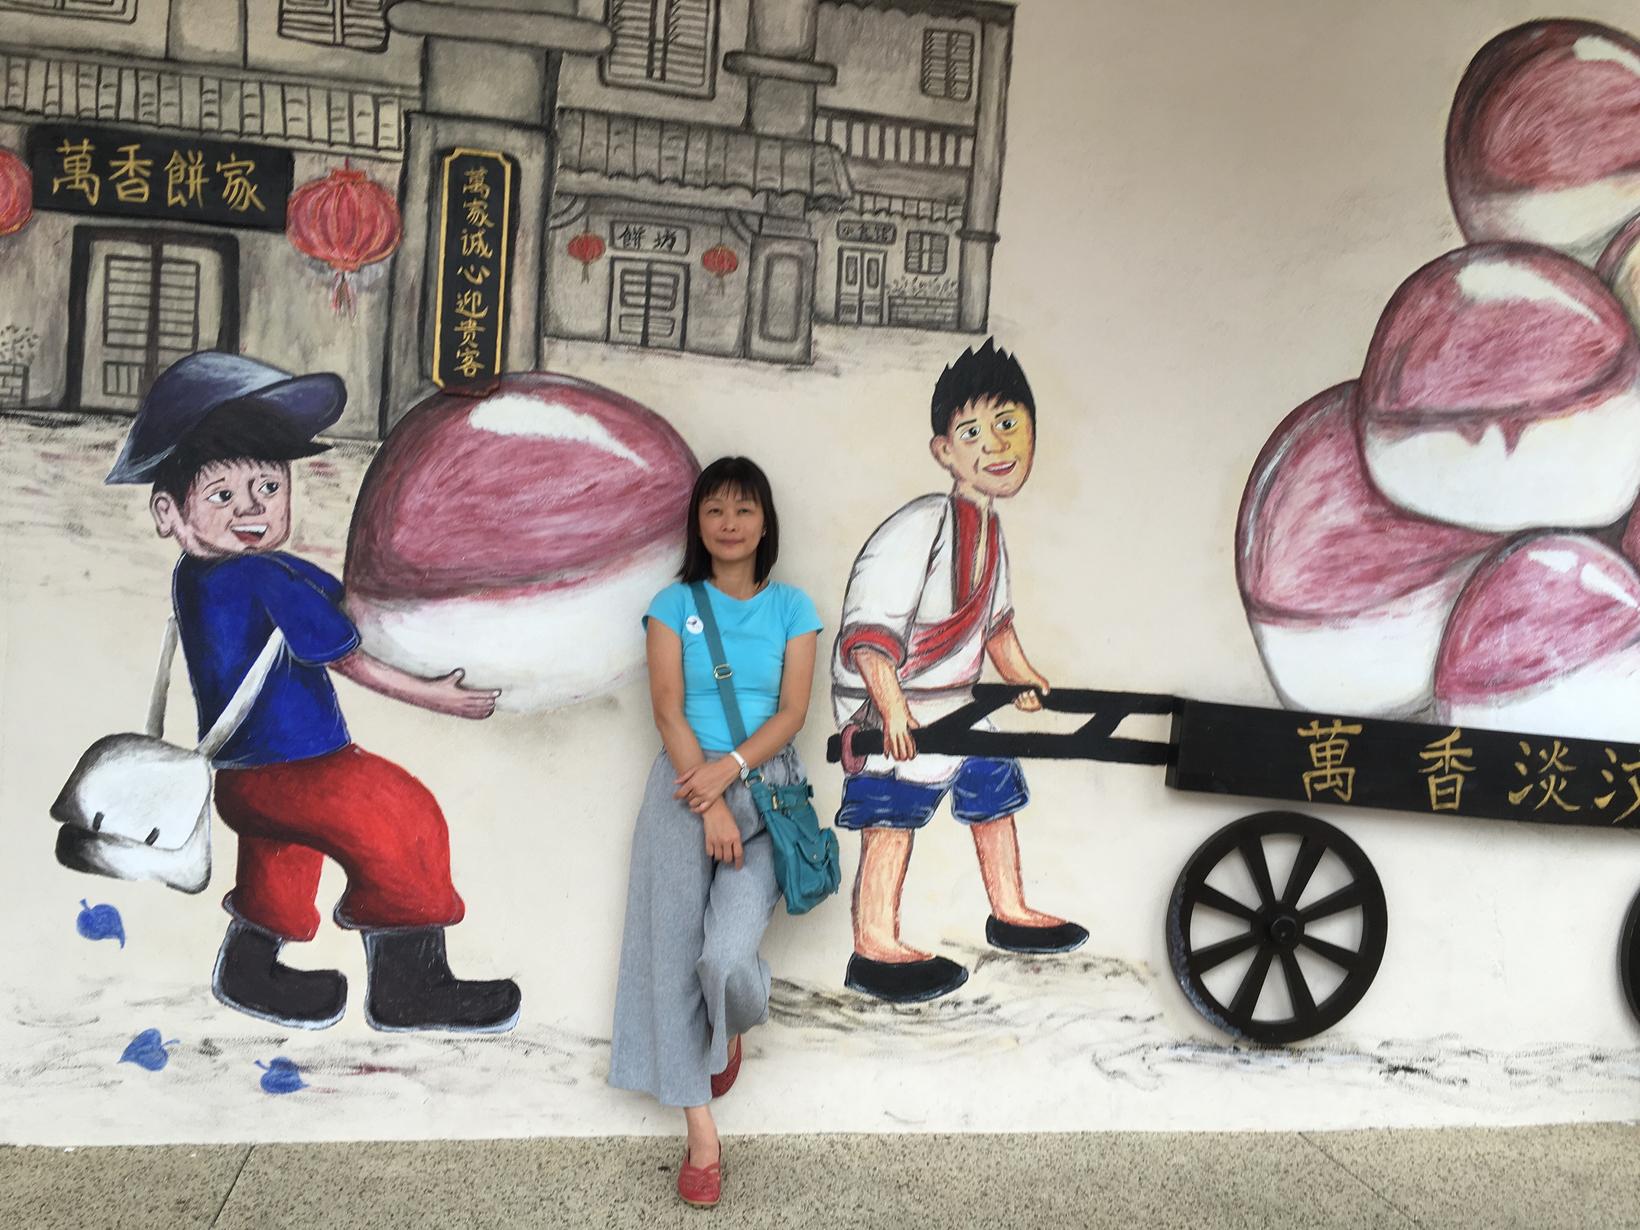 Yuen (veronica) from Melbourne, Victoria, Australia